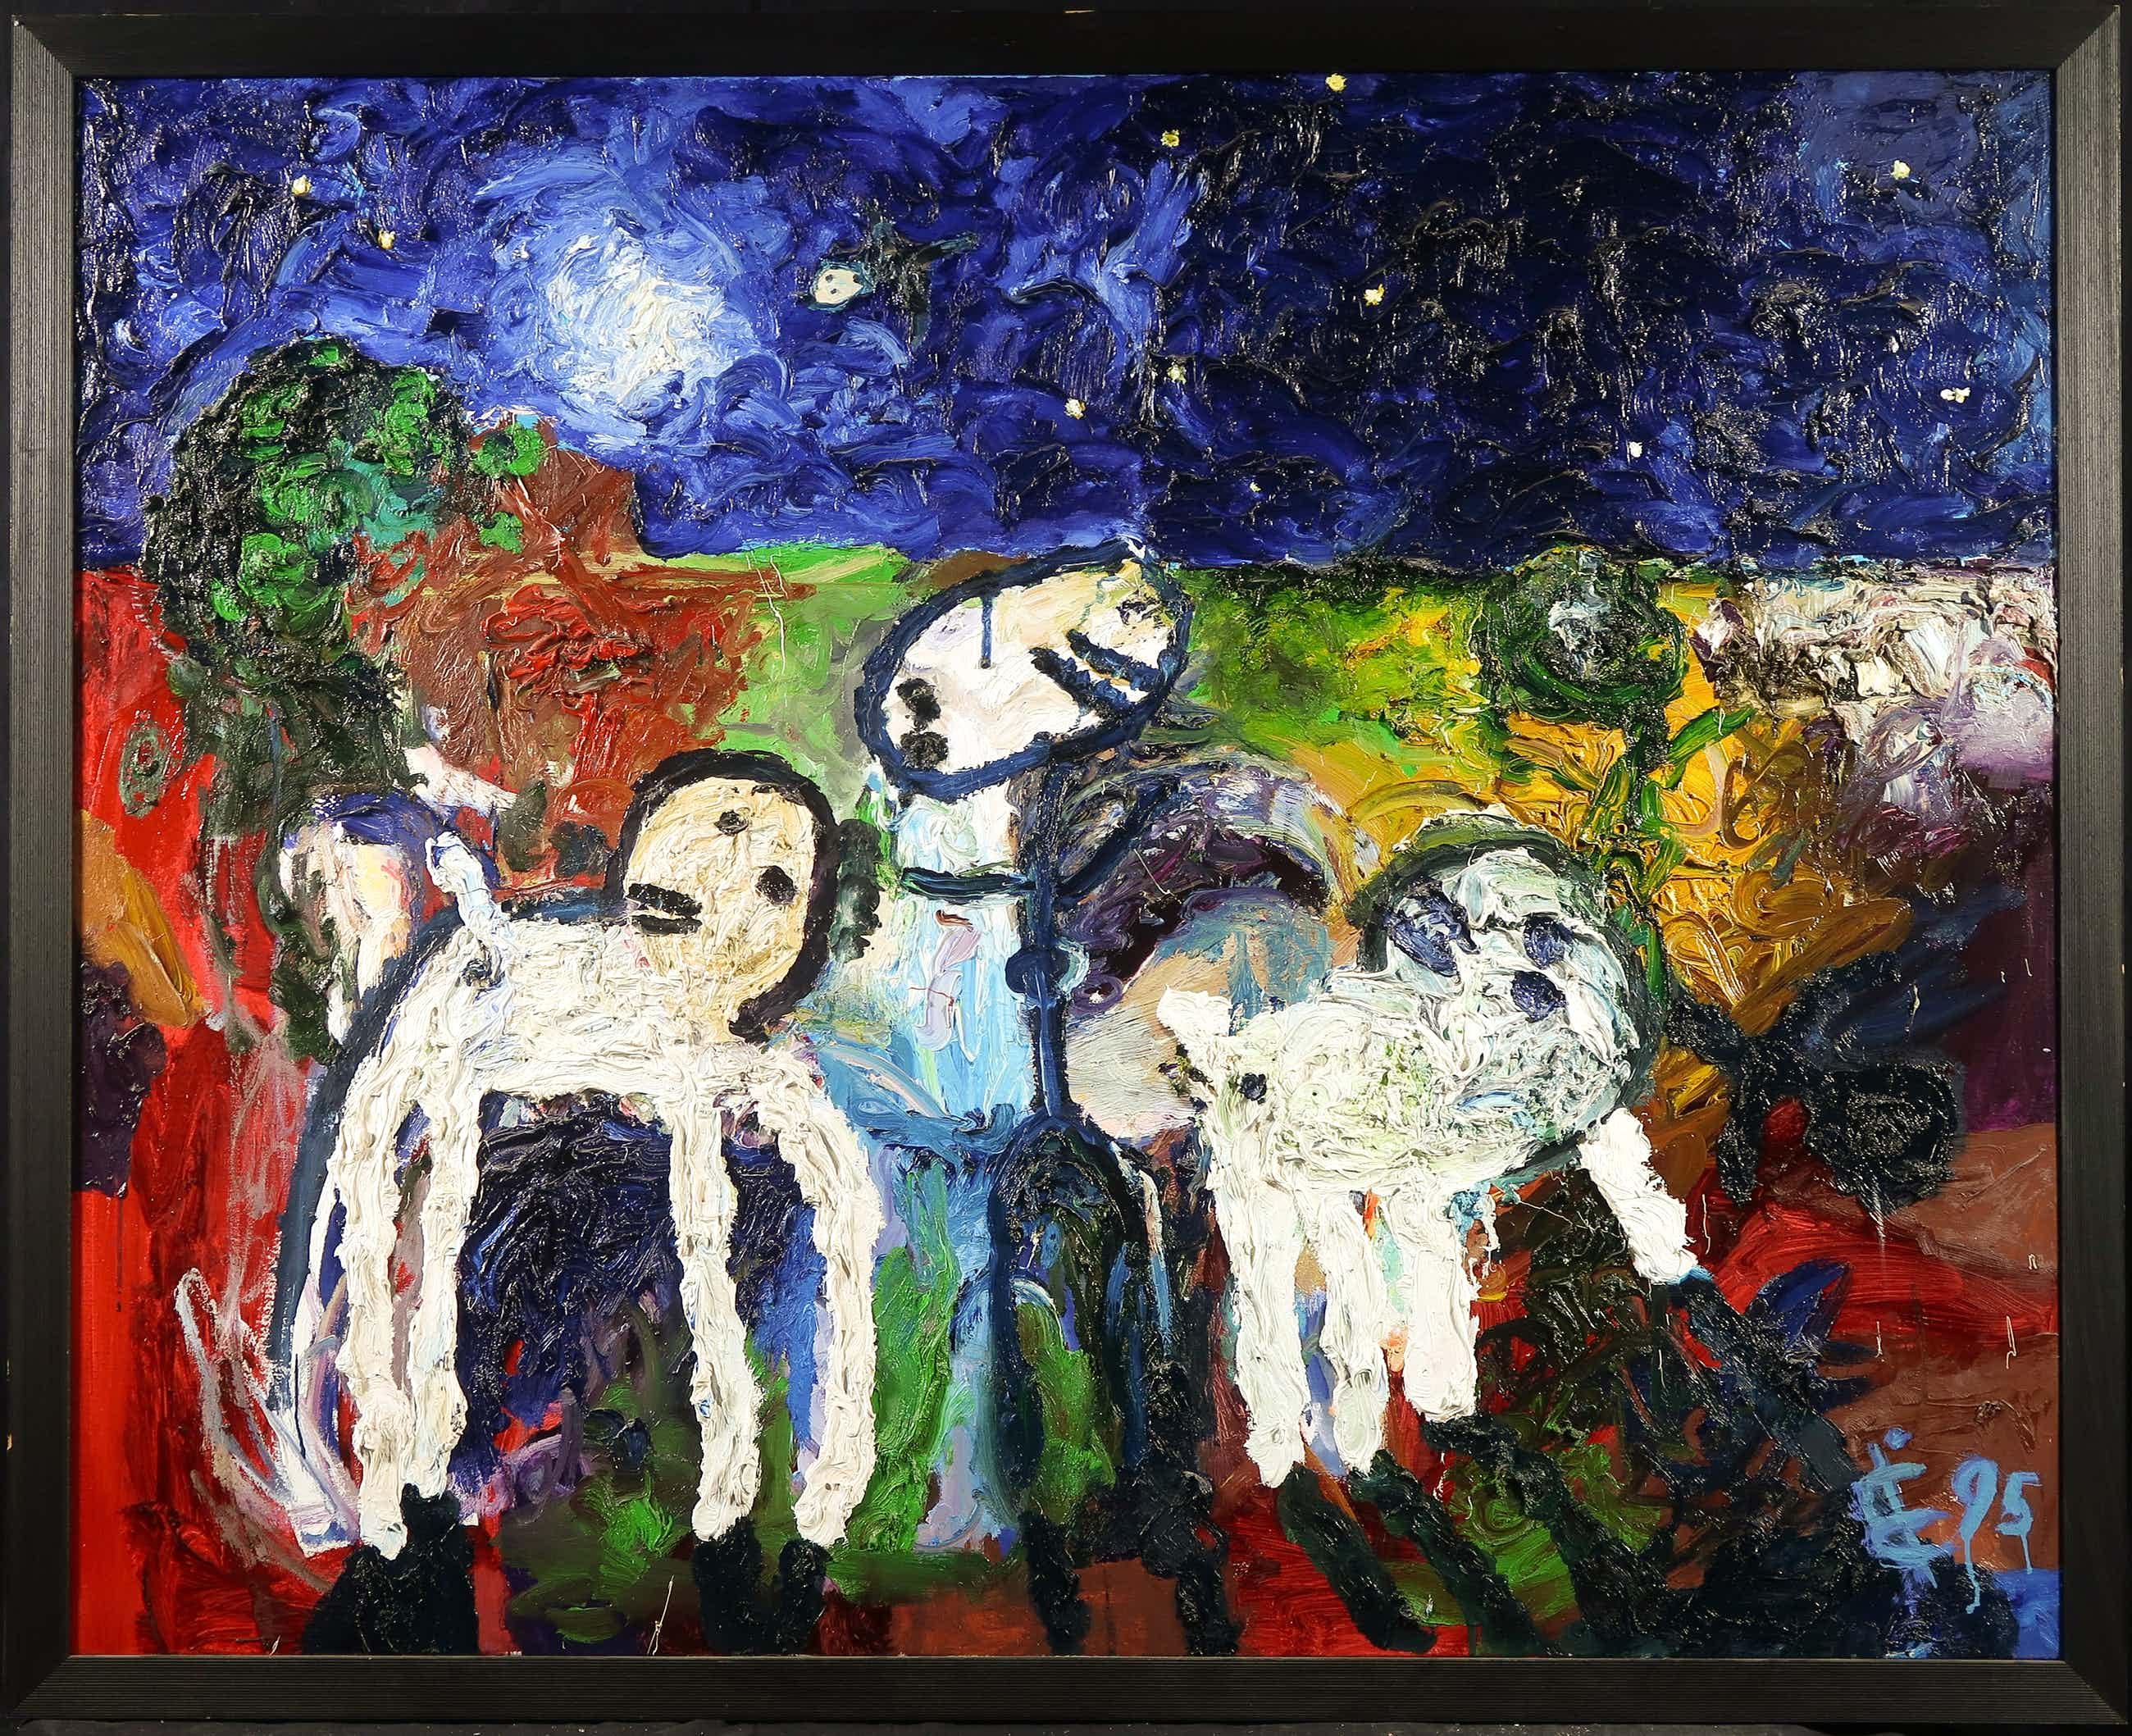 Albert Niemeyer - Acryl op doek, Witte dieren in het donker - Ingelijst (Zeer groot) kopen? Bied vanaf 1403!